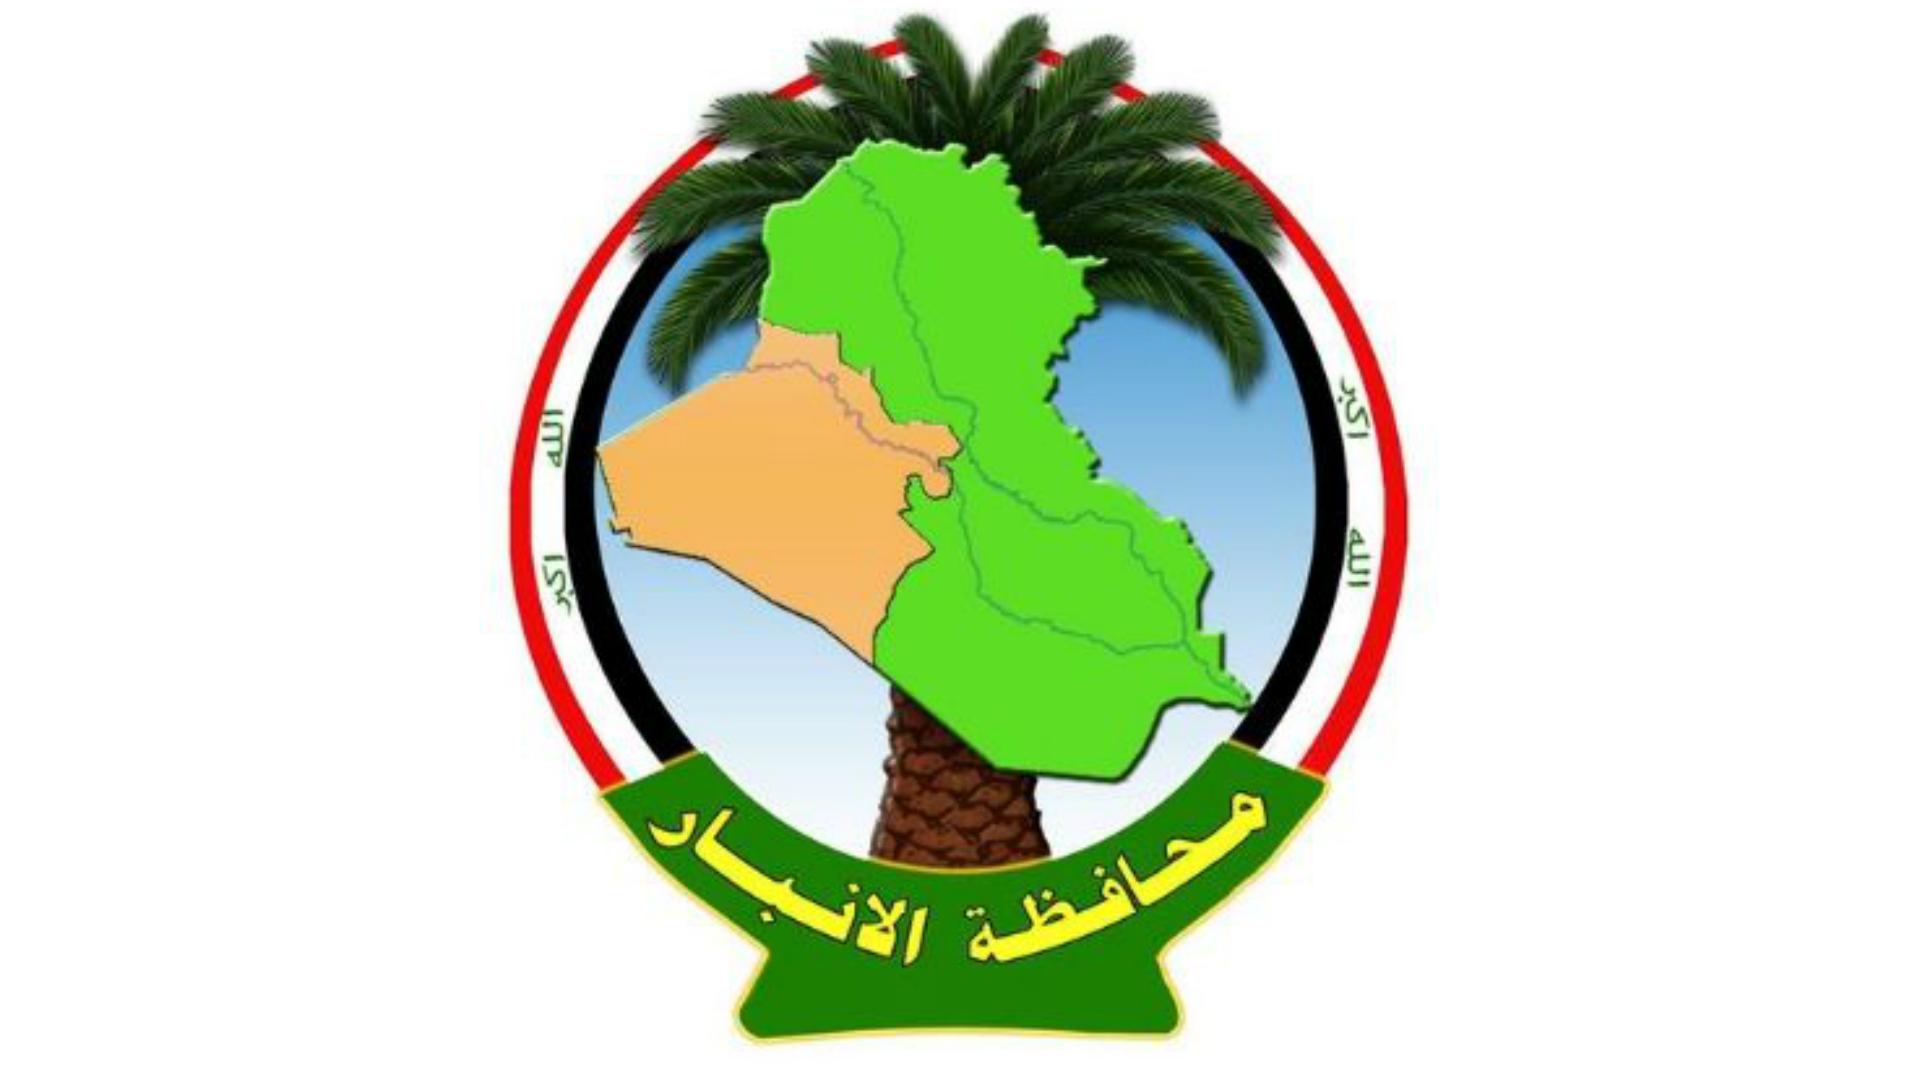 محافظة الأنبار ترصد 500 مليون دينار لاستحداث دوائر خدمية غربي المحافظة